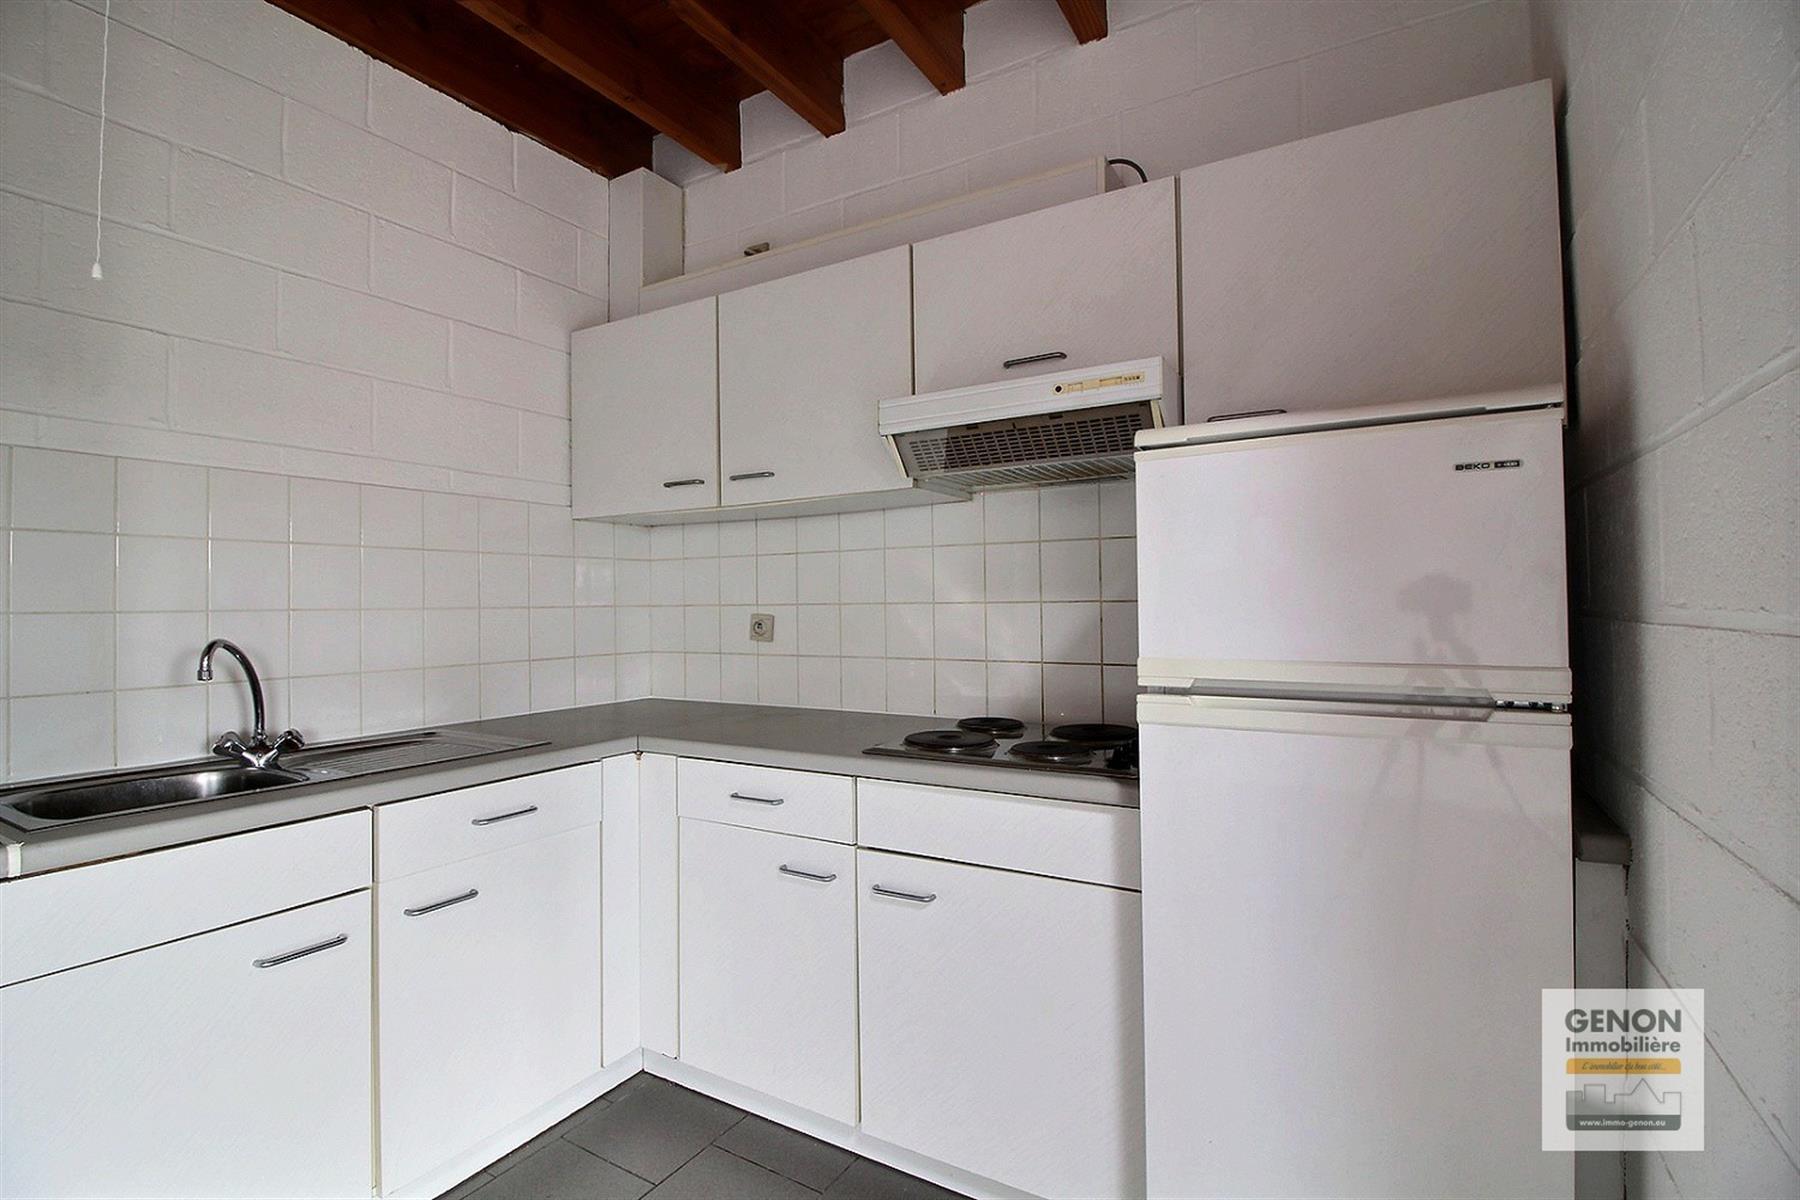 Appartement - Ottignies-Louvain-la-Neuve - #3969328-7